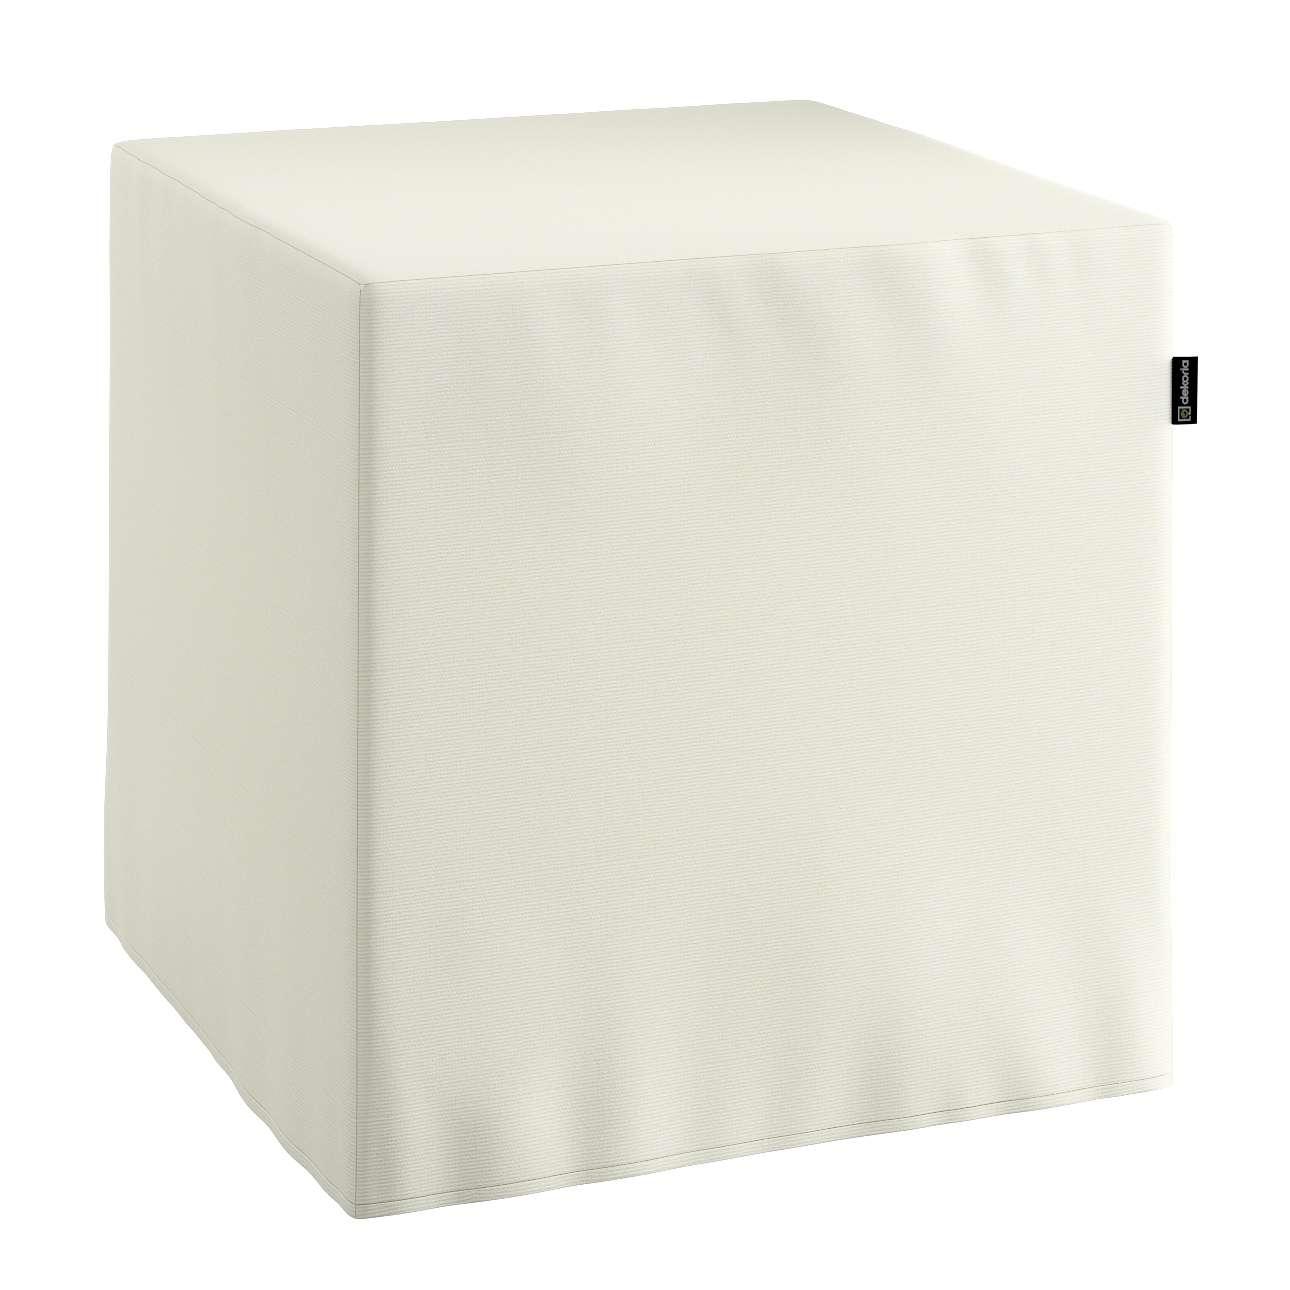 Bezug für Sitzwürfel Bezug für Sitzwürfel 40x40x40 cm von der Kollektion Jupiter, Stoff: 127-00